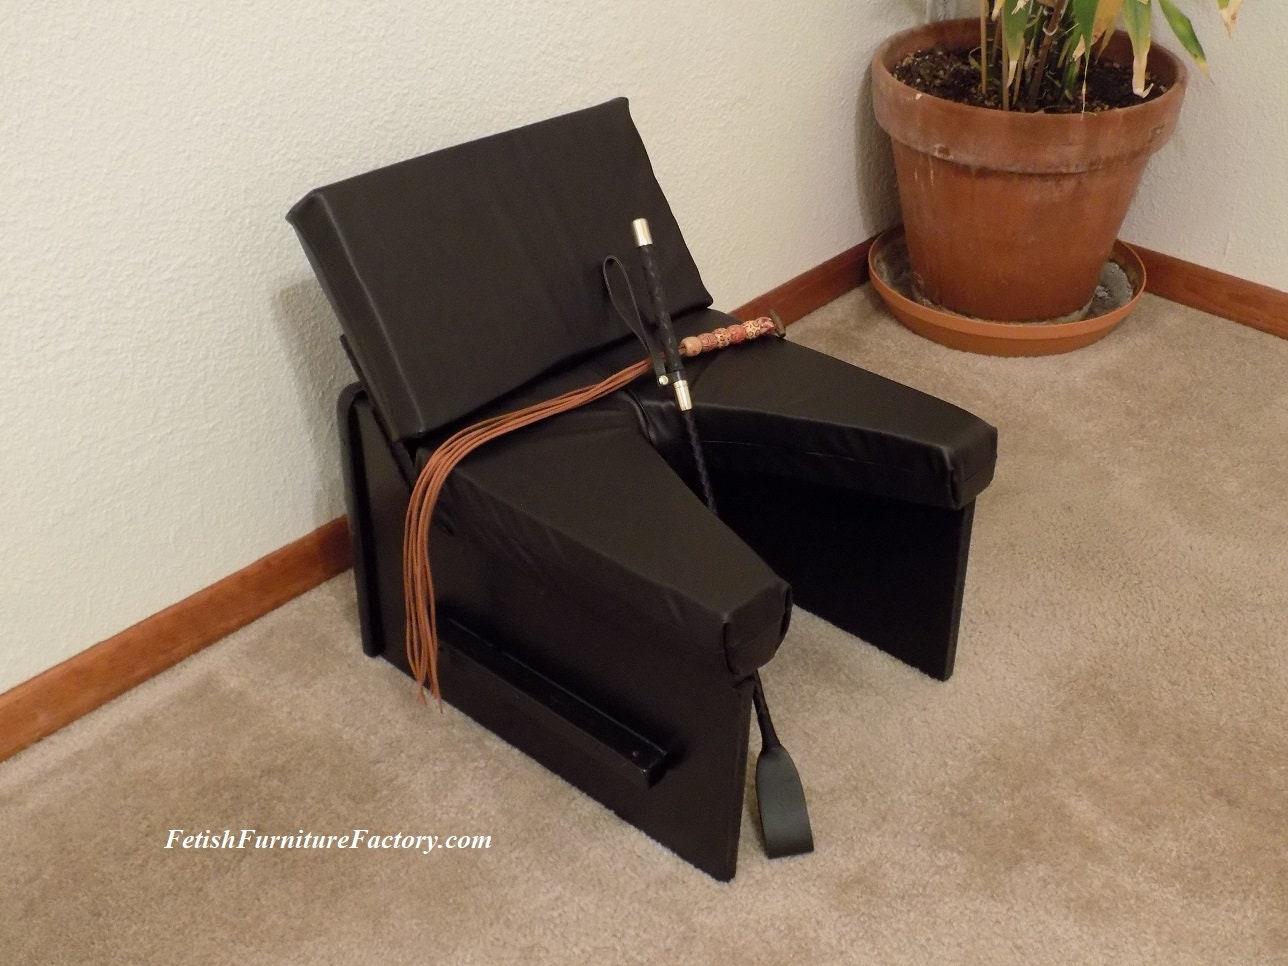 Mature Queening Chair For Facesitting Oral Sex Queening -7466